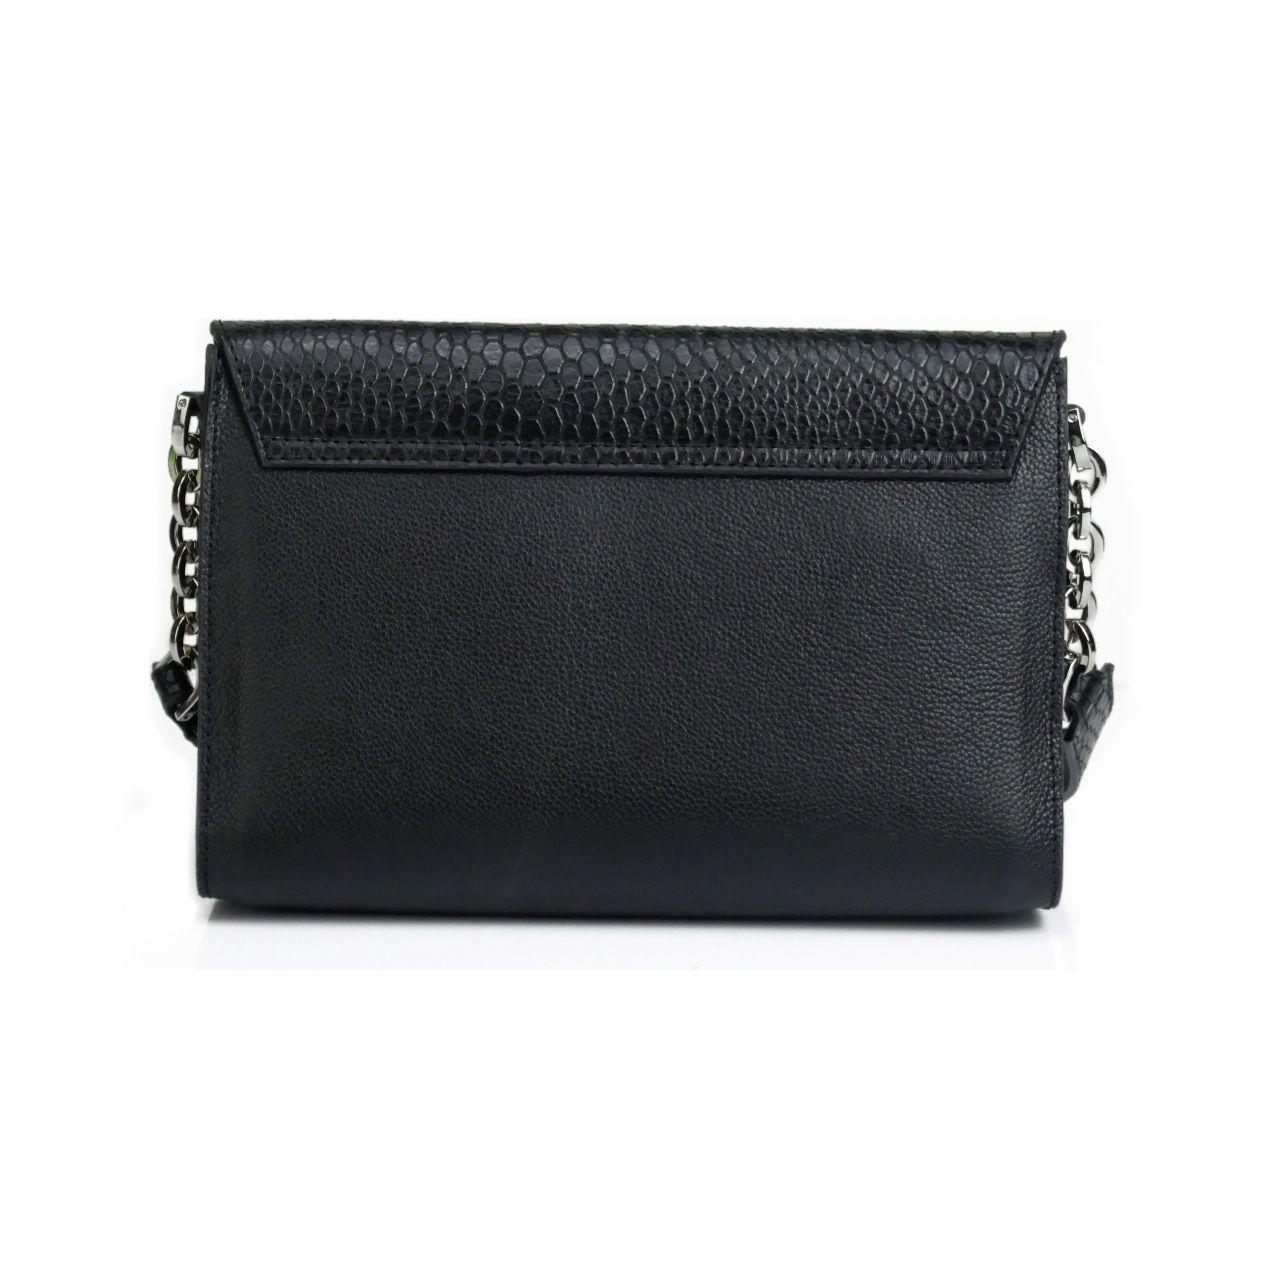 کیف دوشی زنانه وانیک مدل 132b-2020 -  - 2